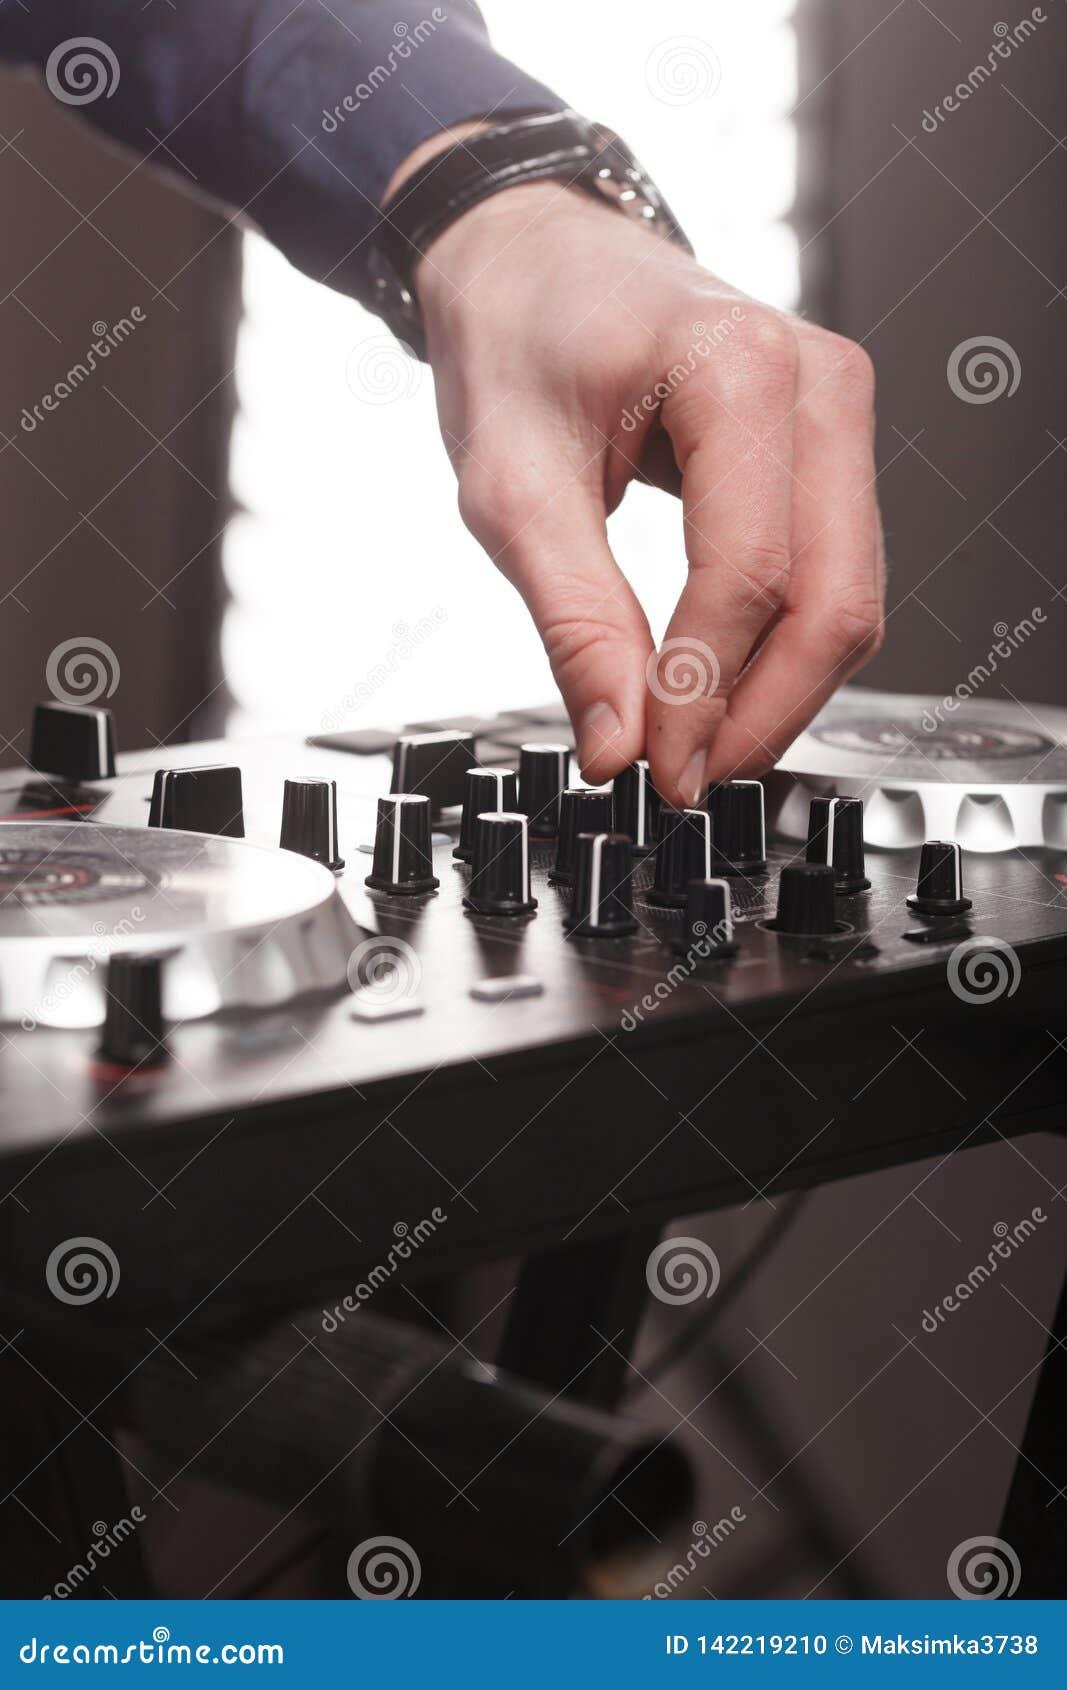 DJ pult,遥控光在音乐厅里